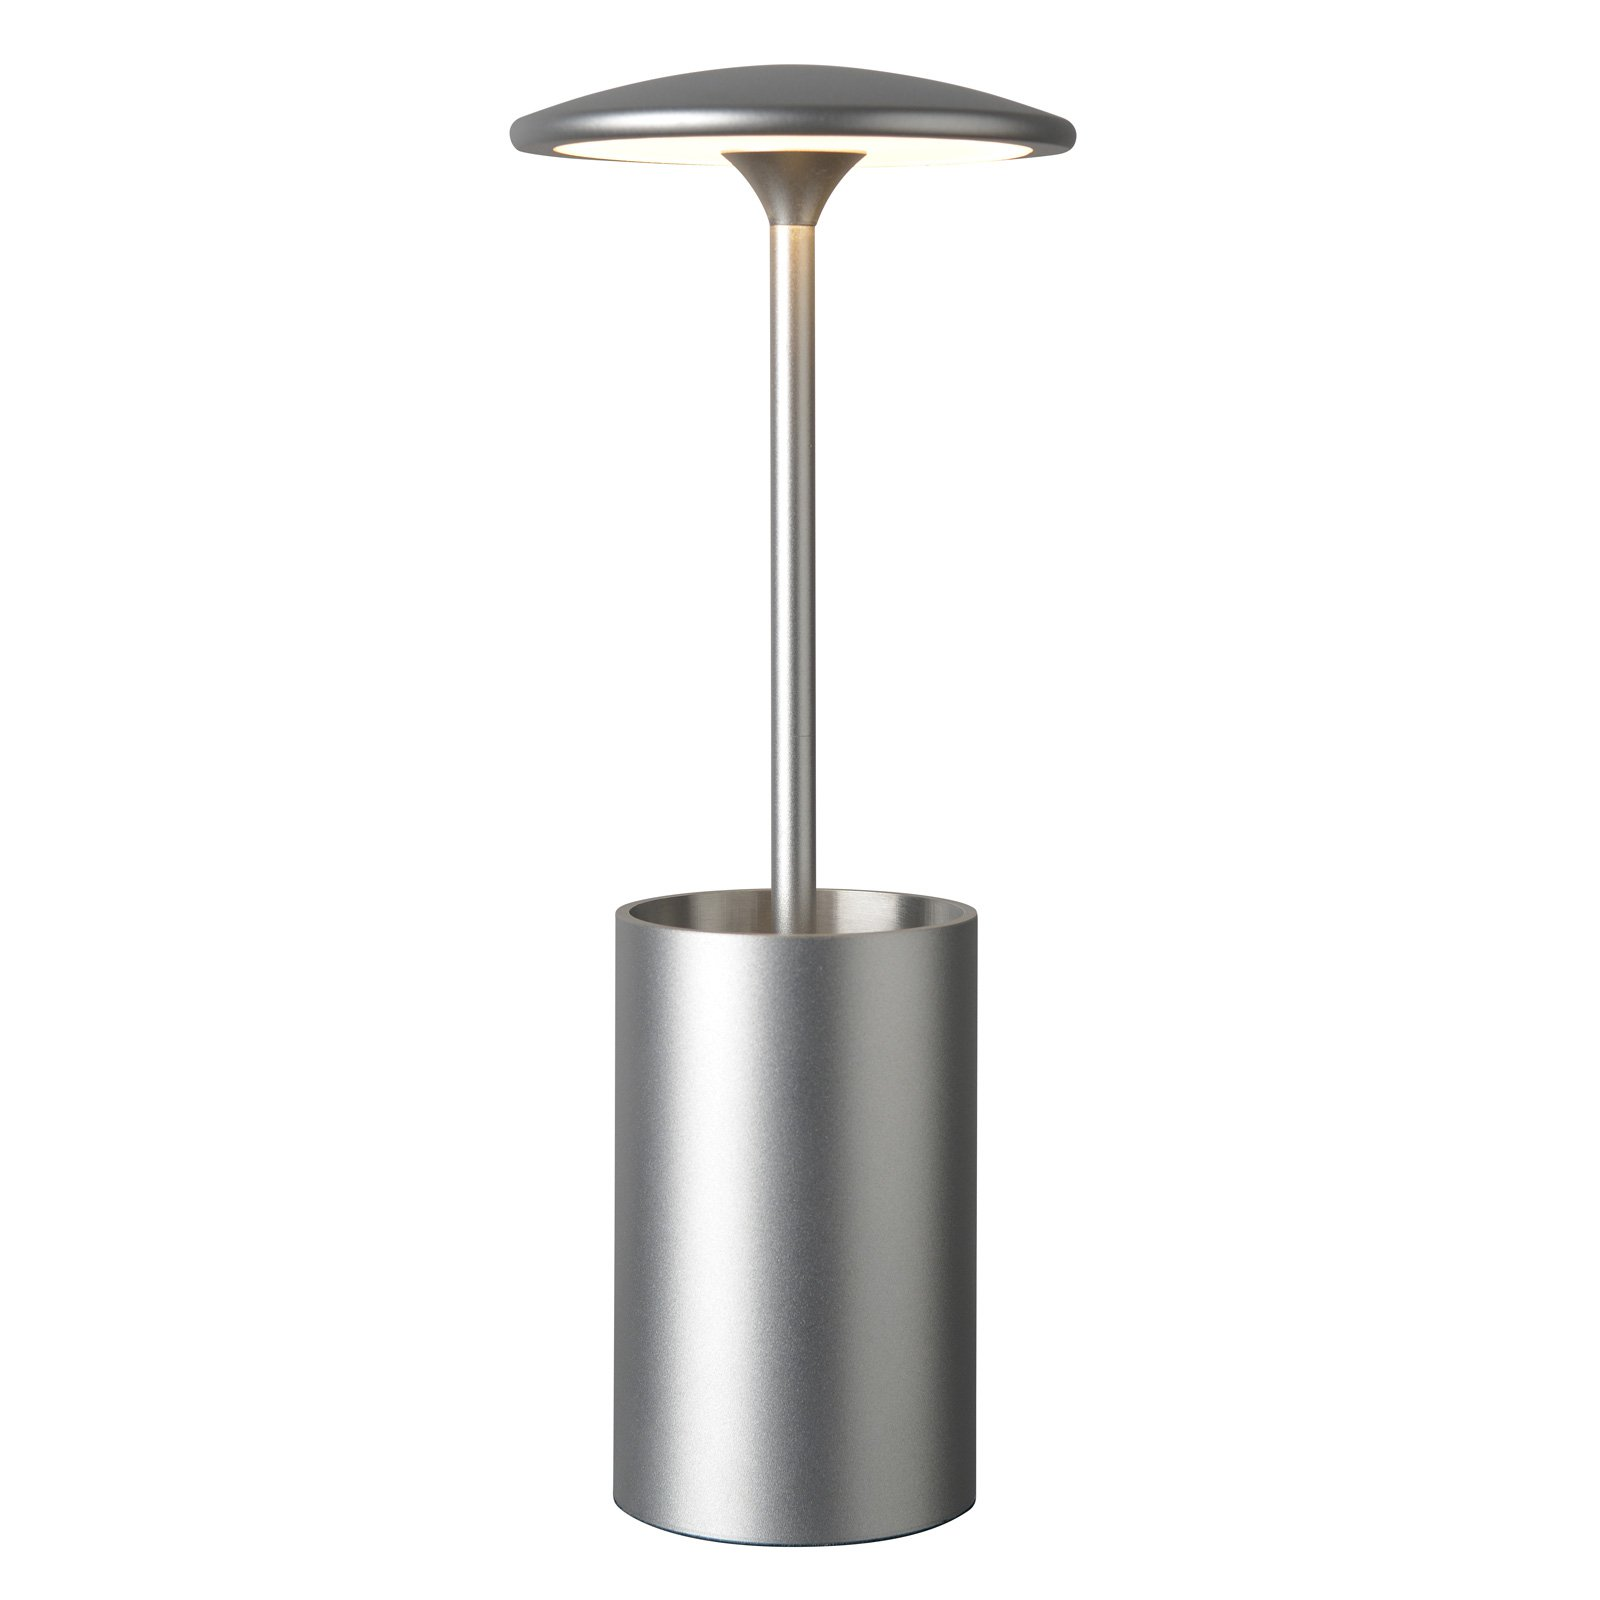 LED-bordlampe Pott med beholder, sølv